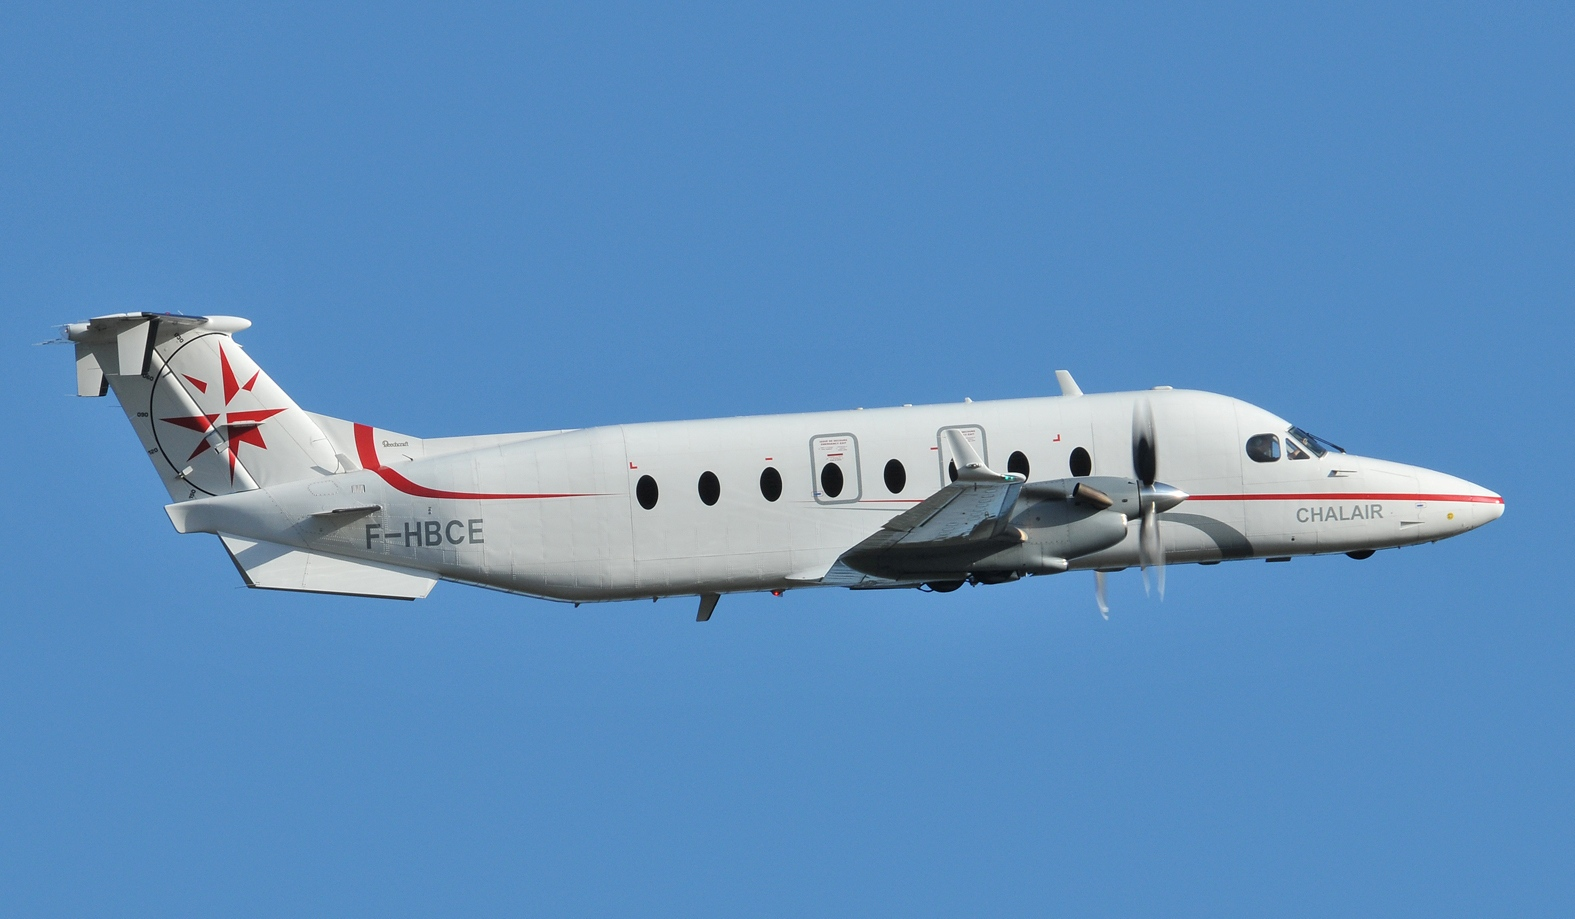 Un Avion De Tourisme Parti D Annecy S Est Crashe Dans L Yonne